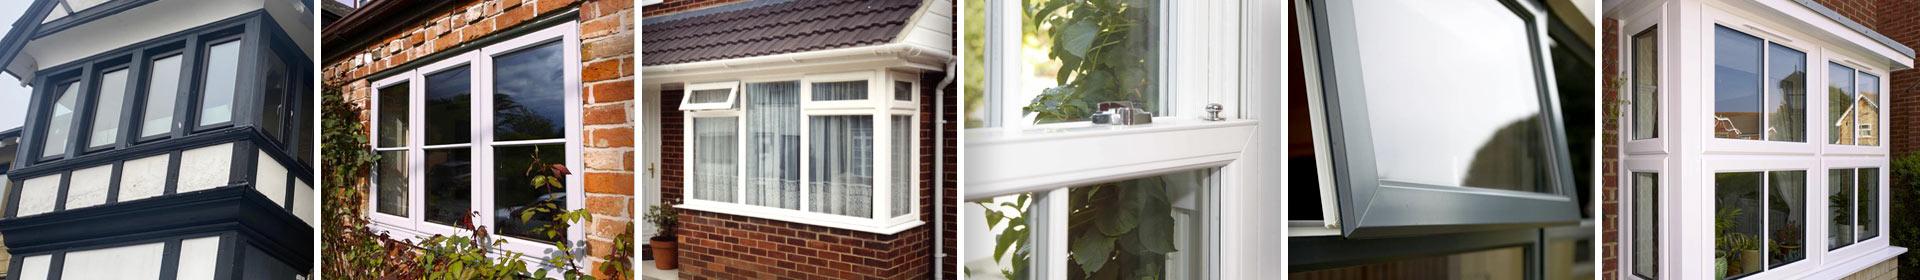 double glazed window images